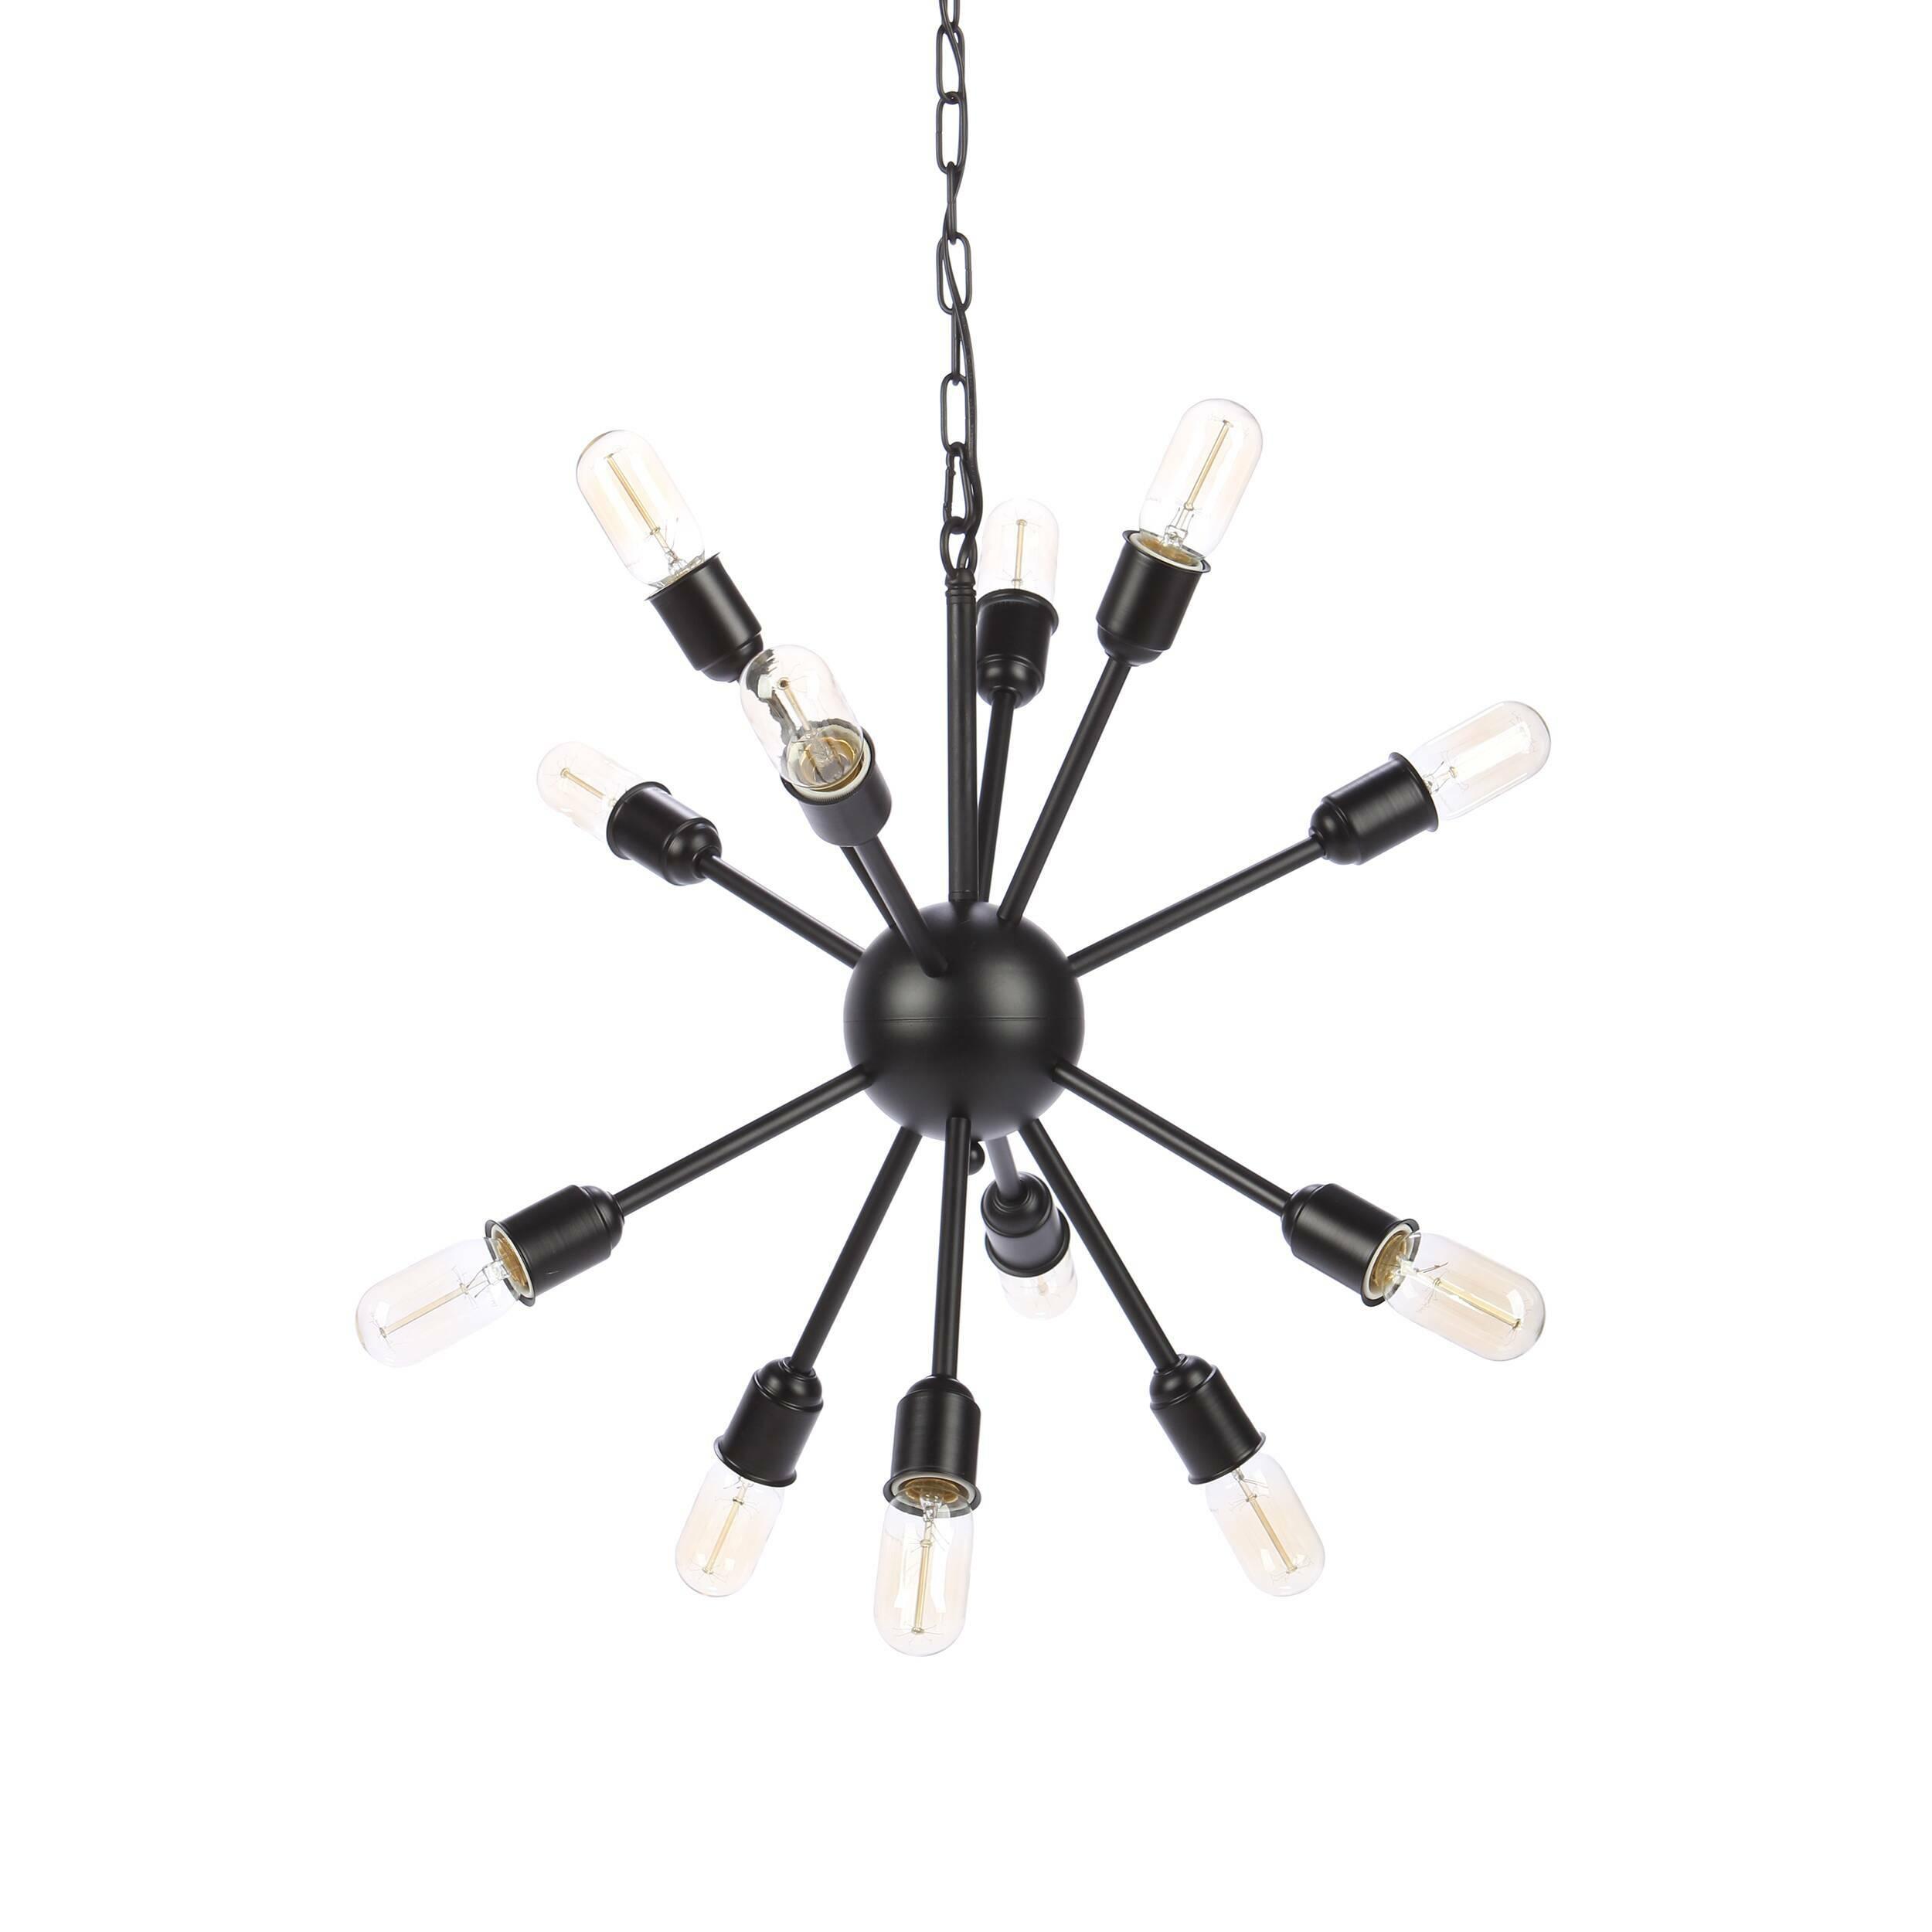 Подвесной светильник Molecule Lighting 12 лампПодвесные<br>Интересное оригинальное оформление помещения осветительными приборами — один из самых необходимых пунктов создания современного интерьера. Подвесной светильник Molecule Lighting 12 ламп создан лучшими дизайнерами компании Cosmo и, как ясно из его названия, напоминает собой своеобразную молекулу некоего химического вещества. Вся конструкция оригинального подвесного светильника Molecule Lighting 12 ламп изготовлена из металла черного цвета. Светильник имеет 12 цоколей для лампочек.<br><br><br> С...<br><br>stock: 33<br>Высота: 41<br>Ширина: 68<br>Длина: 54<br>Длина провода: 150<br>Количество ламп: 12<br>Материал абажура: Металл<br>Мощность лампы: 60<br>Ламп в комплекте: Нет<br>Тип лампы/цоколь: E27<br>Цвет абажура: Черный<br>Цвет провода: Черный